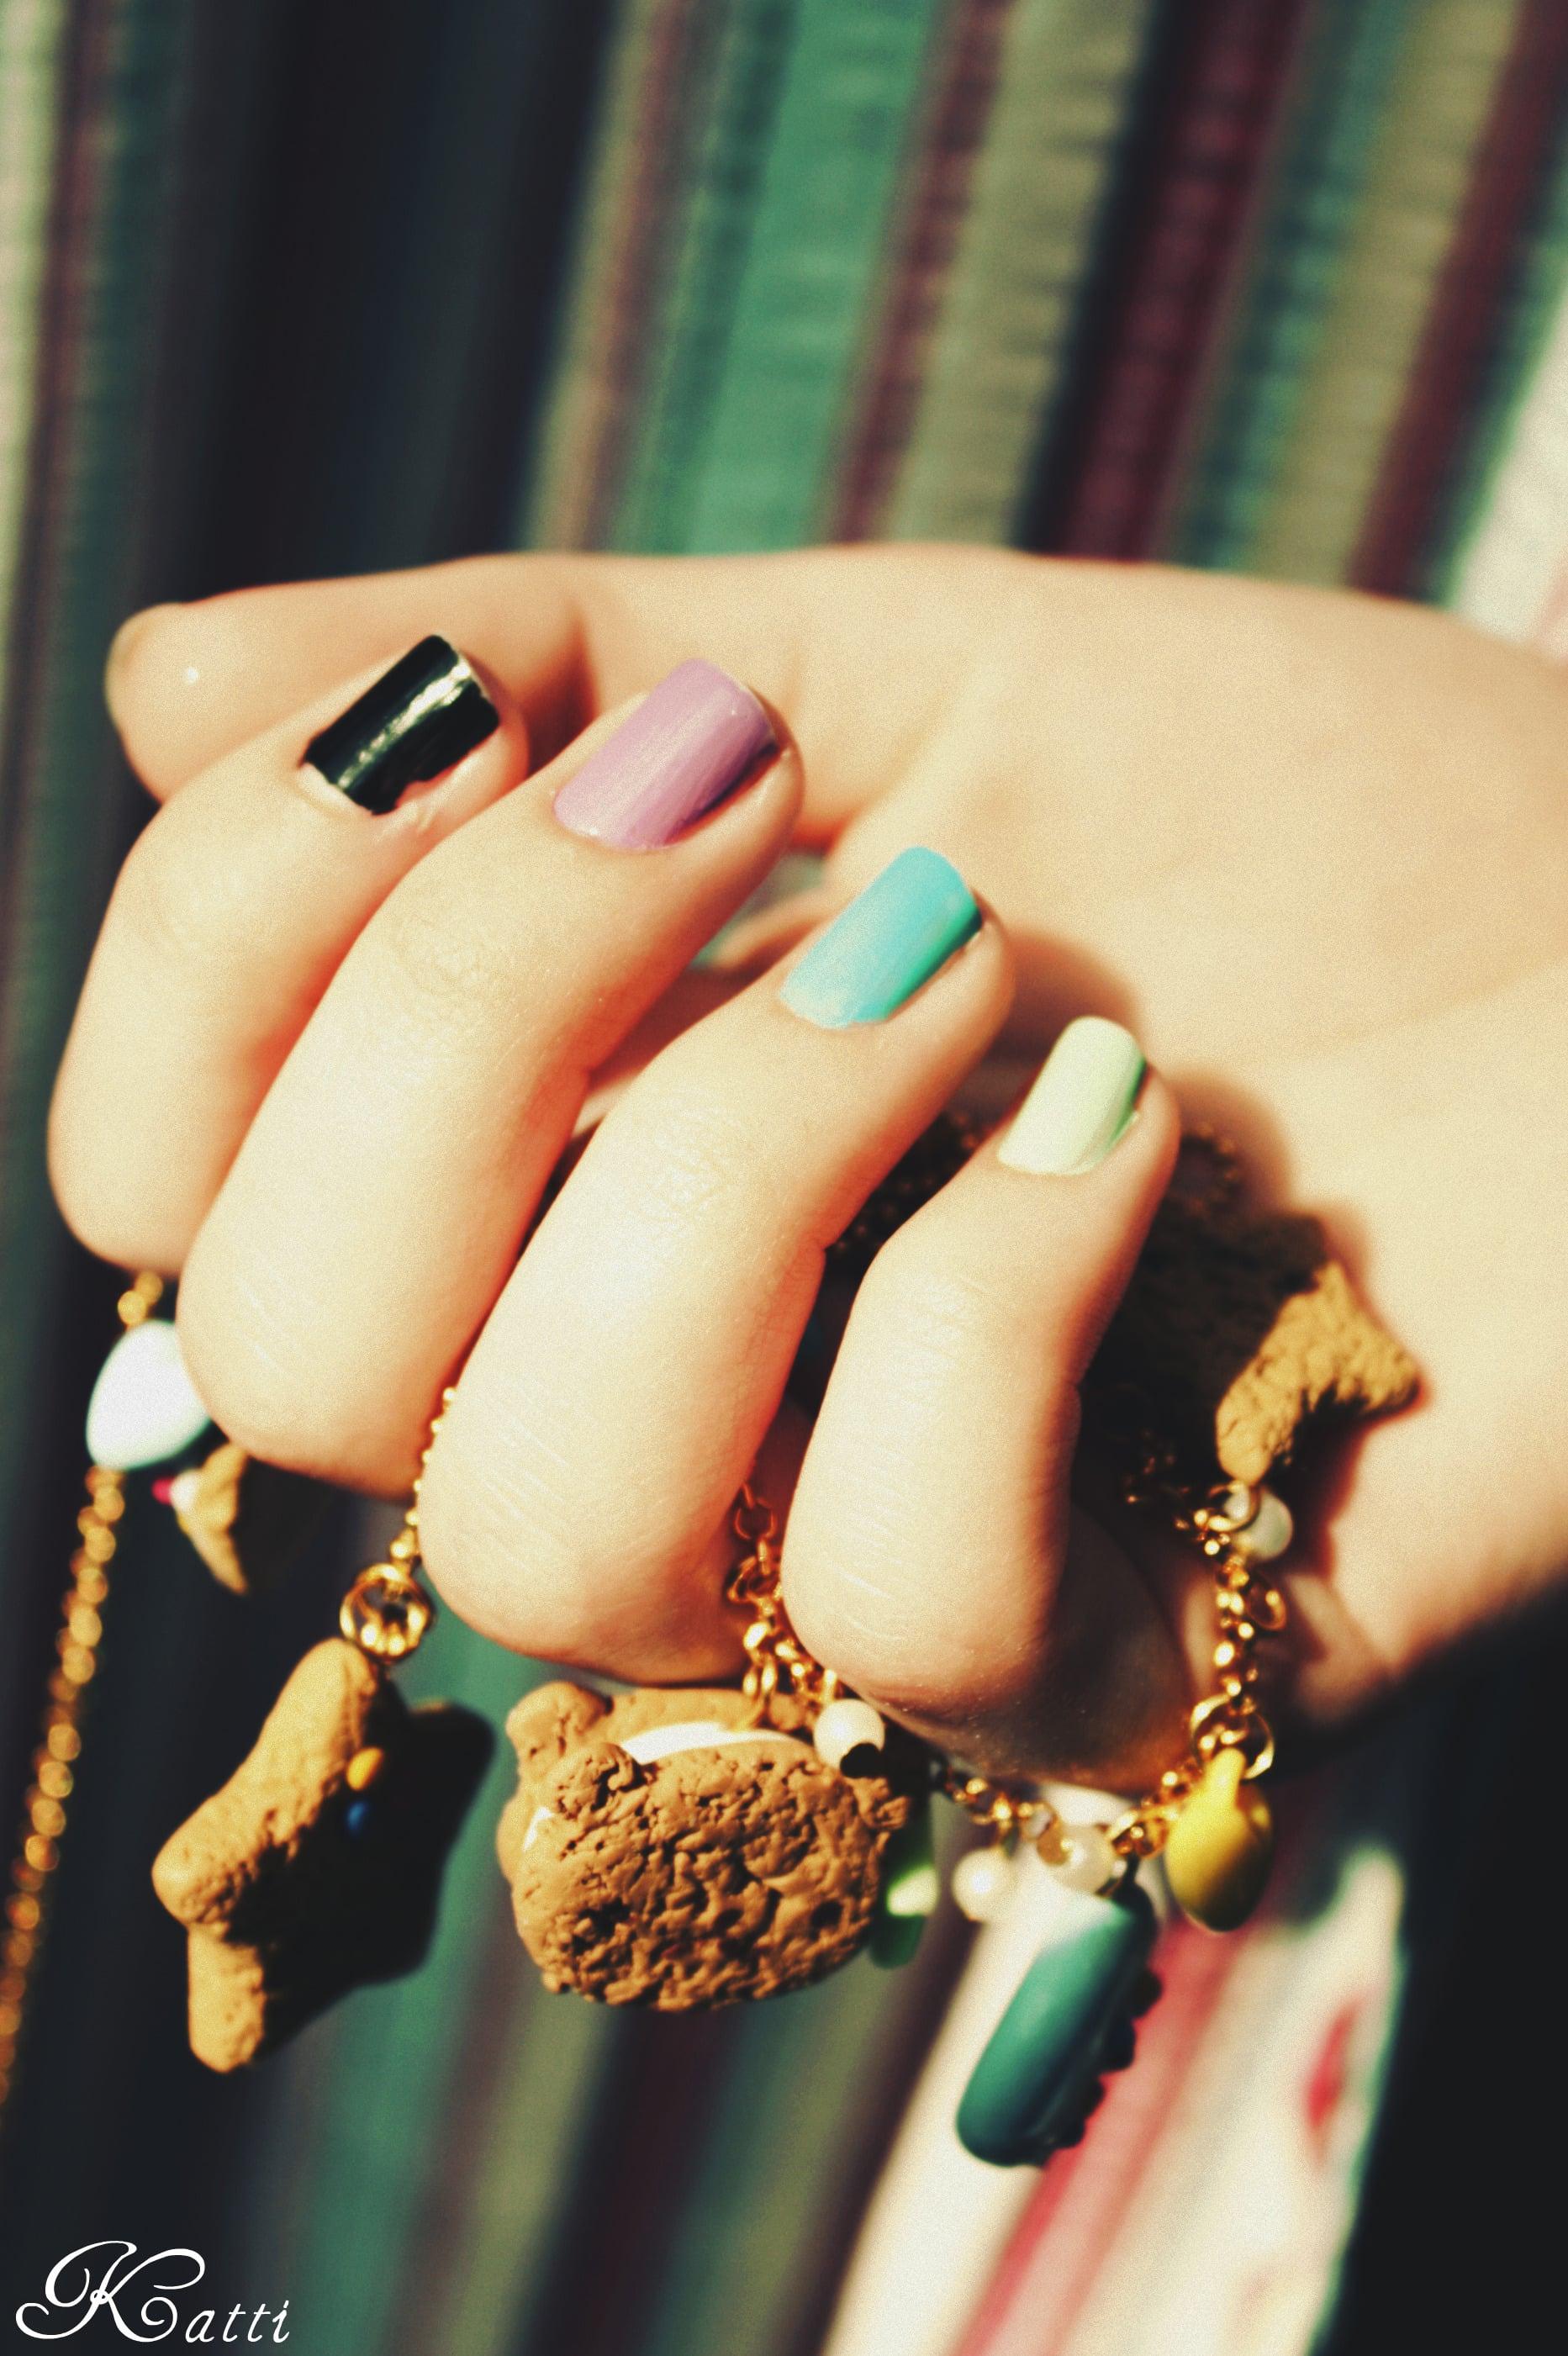 uñas pintadas de diferentes colores